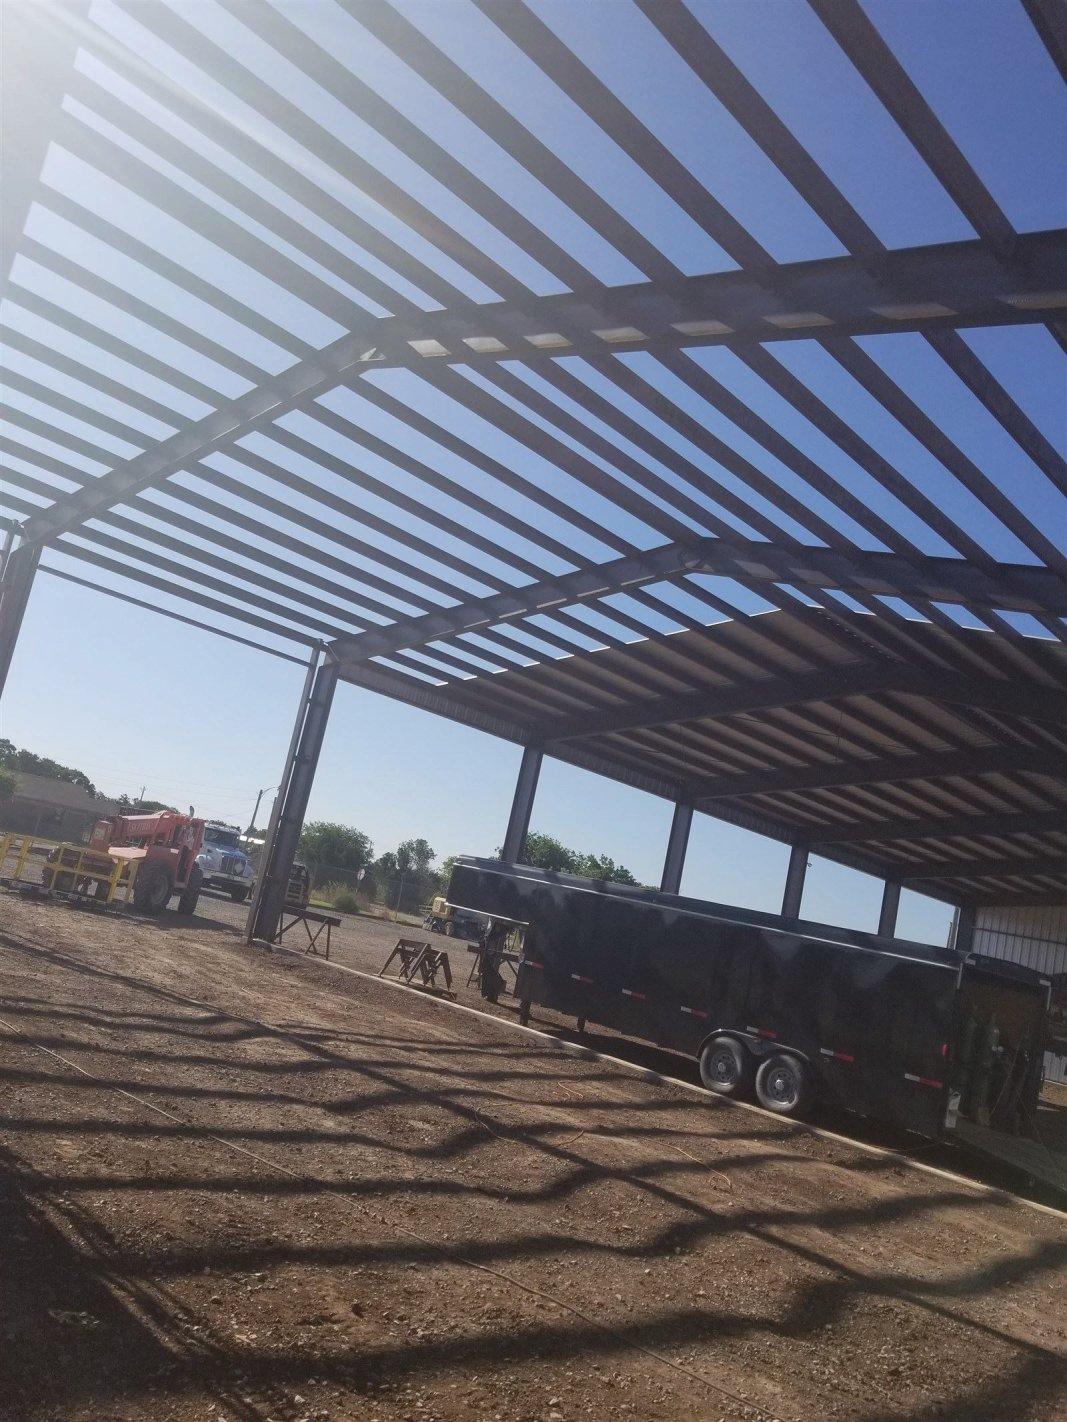 : Metal sheeting going on